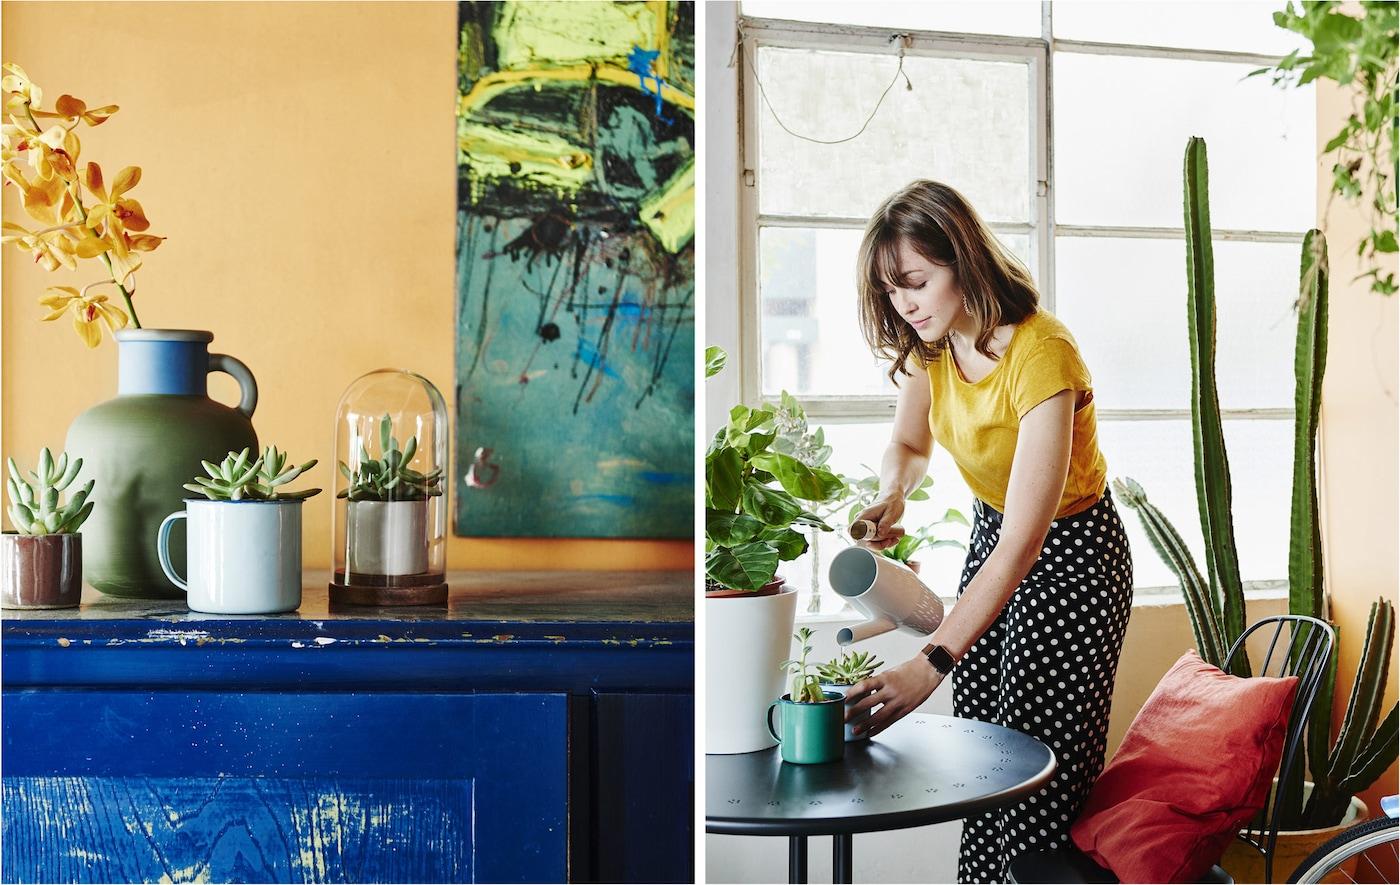 نباتات في أواني على خزانة جانبية لونها أزرق مقابل جدار برتقالي وامرأة تسقي نباتات على طاولة سوداء.